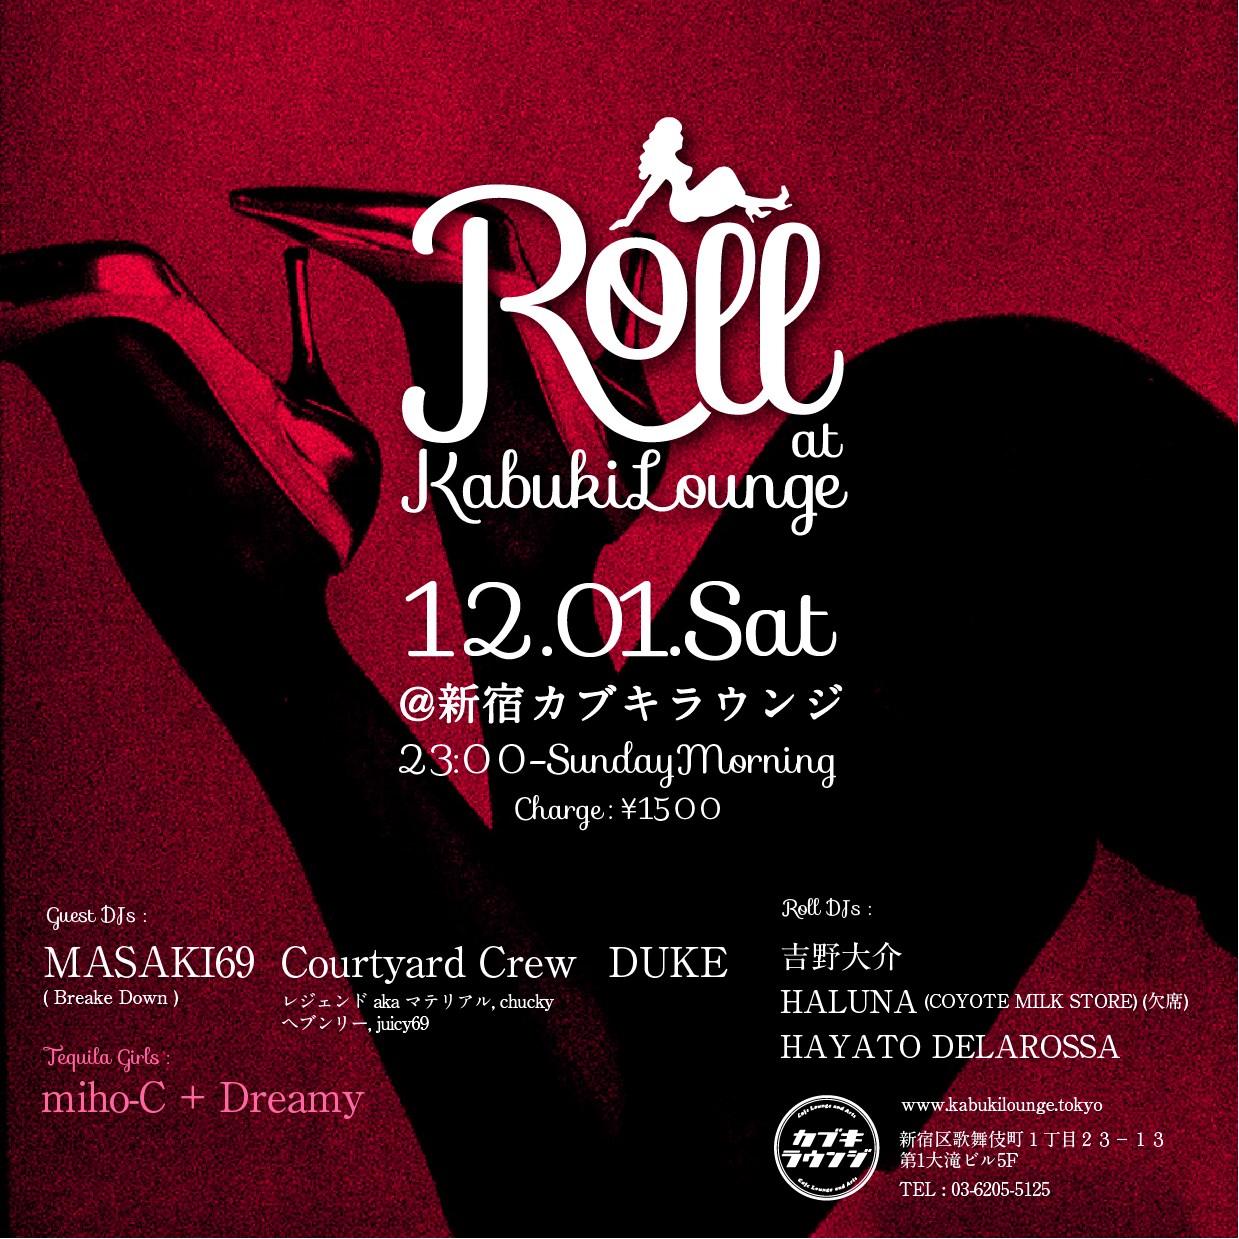 12.01.sat Roll @新宿カブキラウンジ